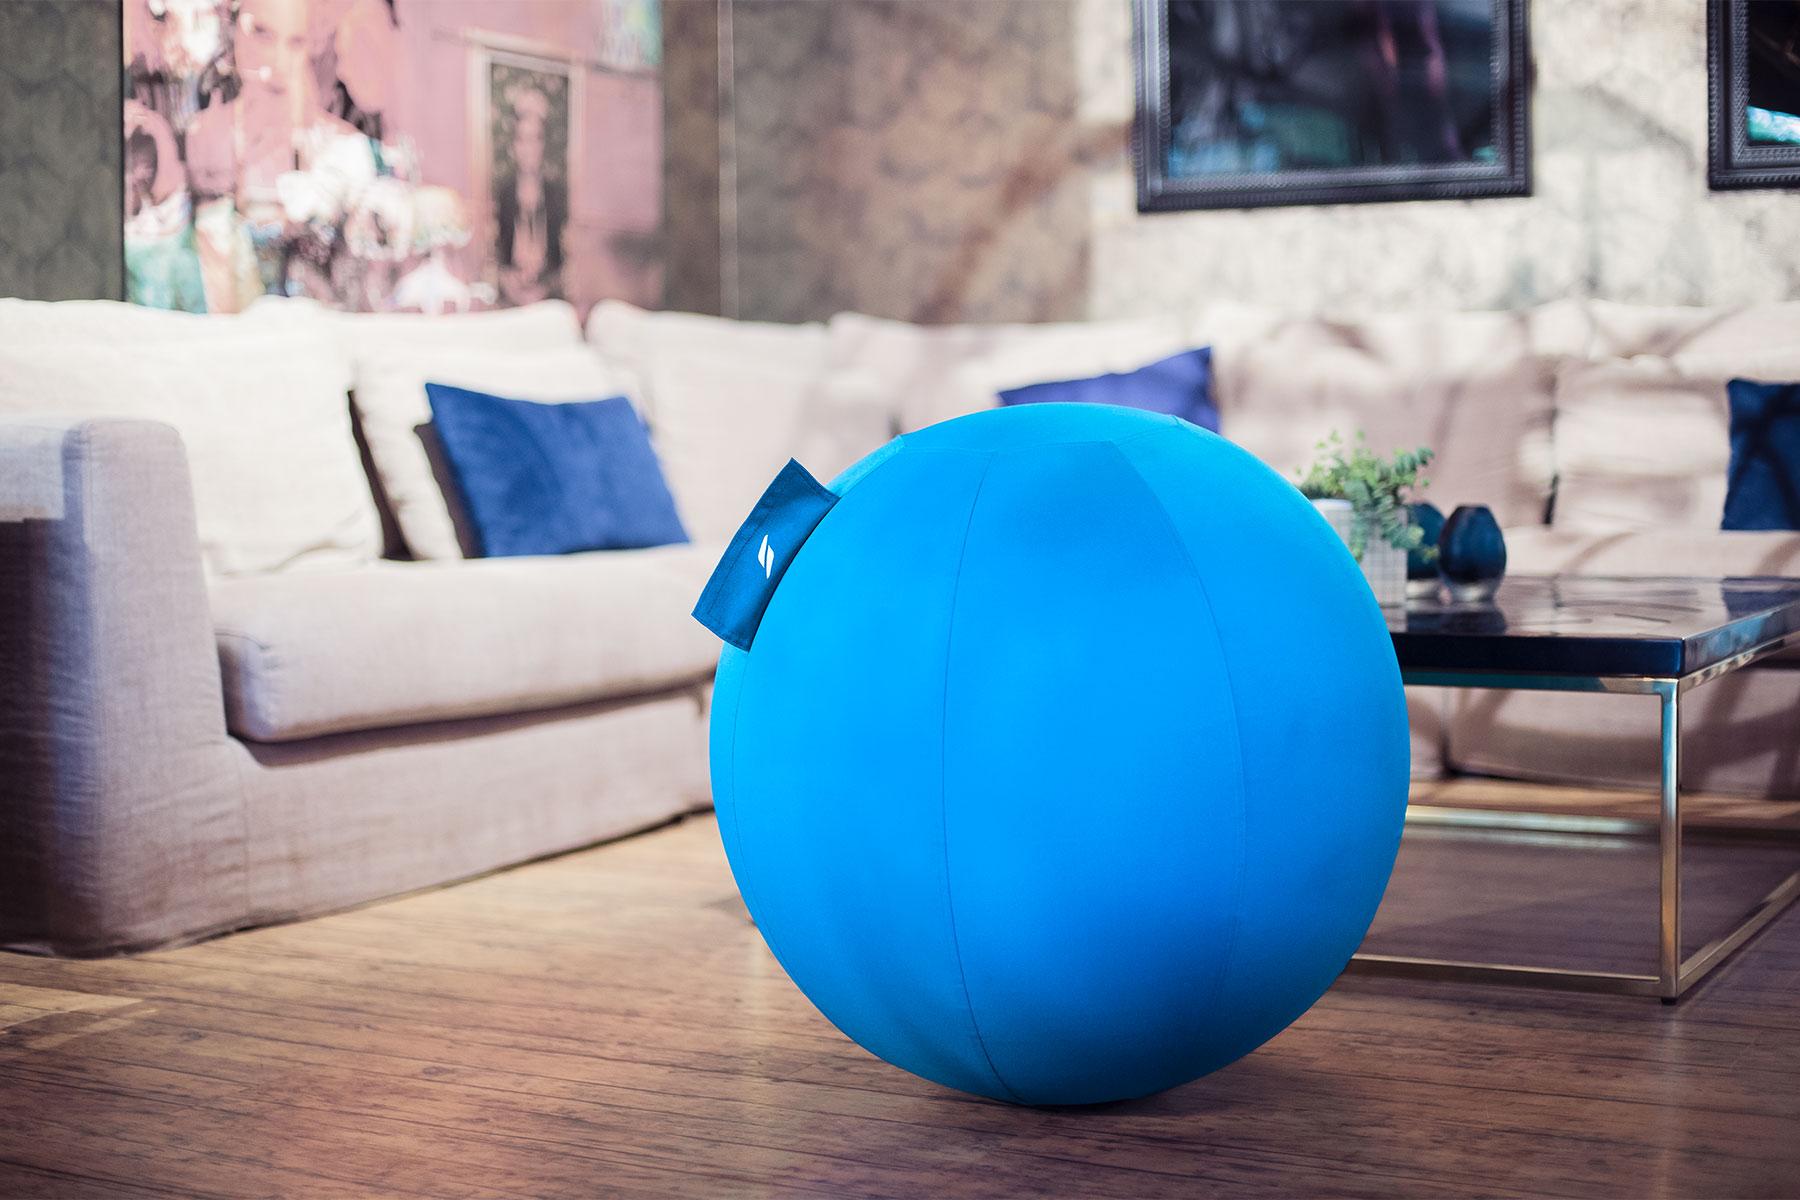 stryve-ball-gestaltung-entwurf-darstellung